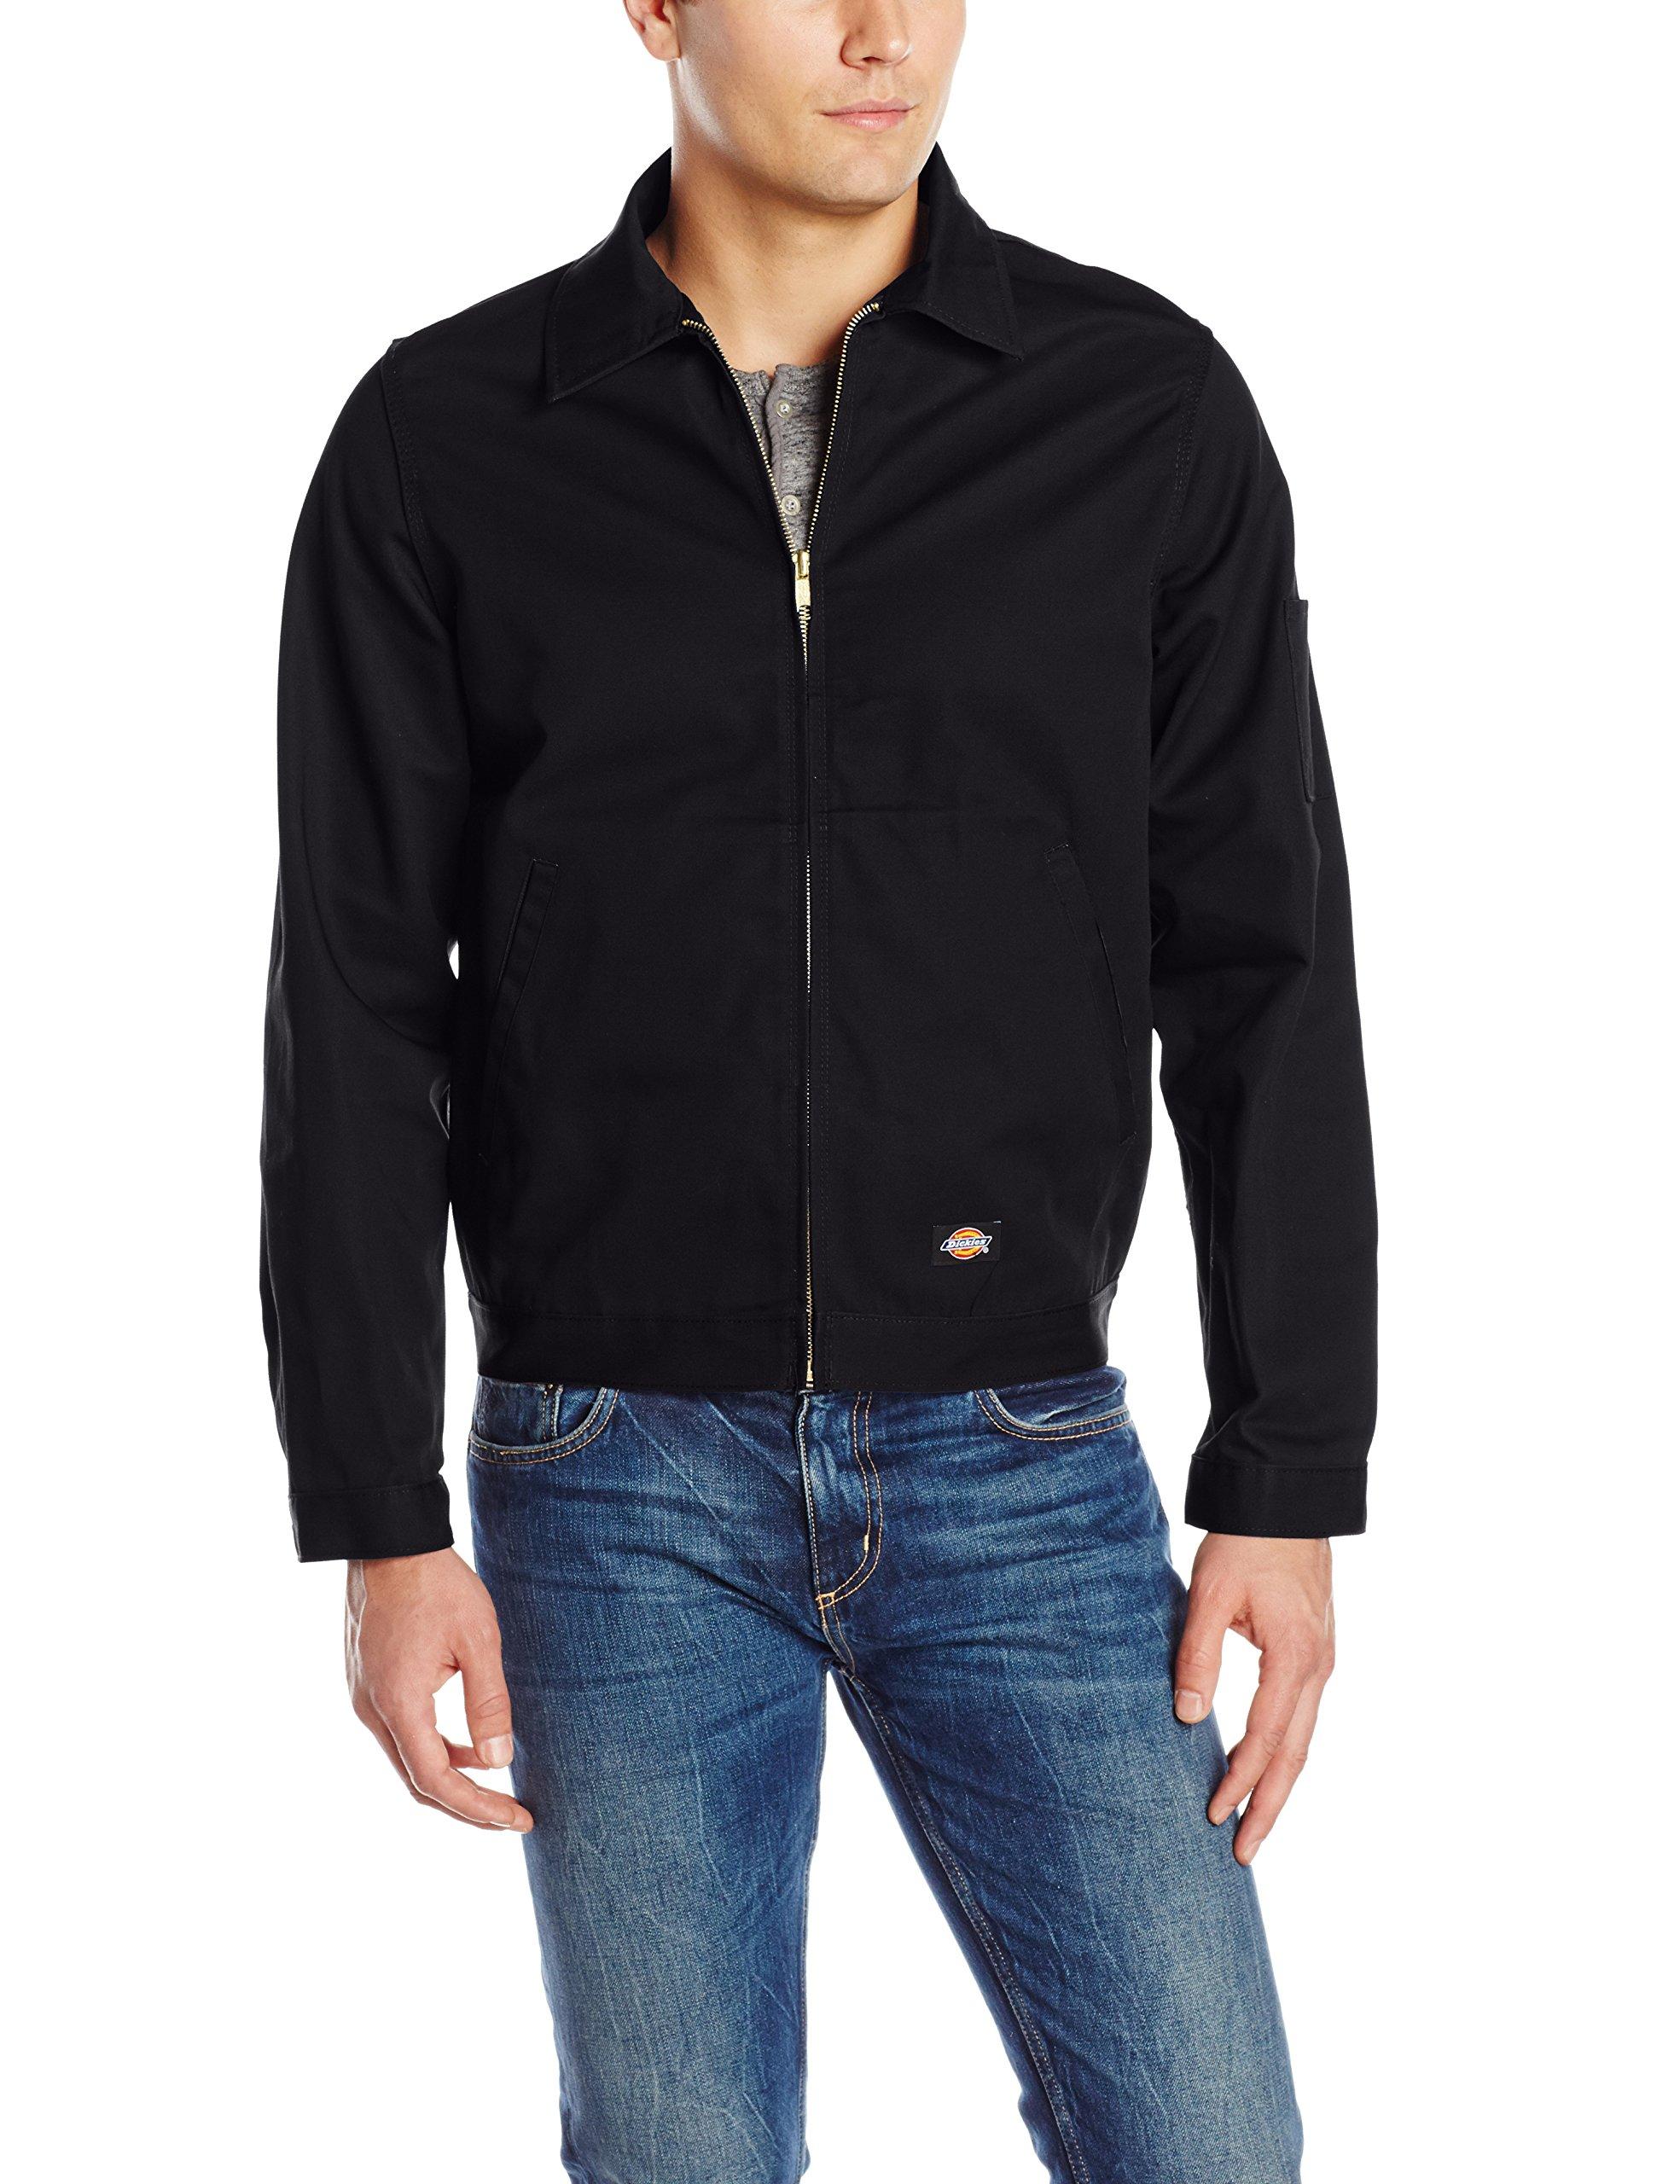 Dickies Men's Unlined Eisenhower Jacket, Black, Large by dickies